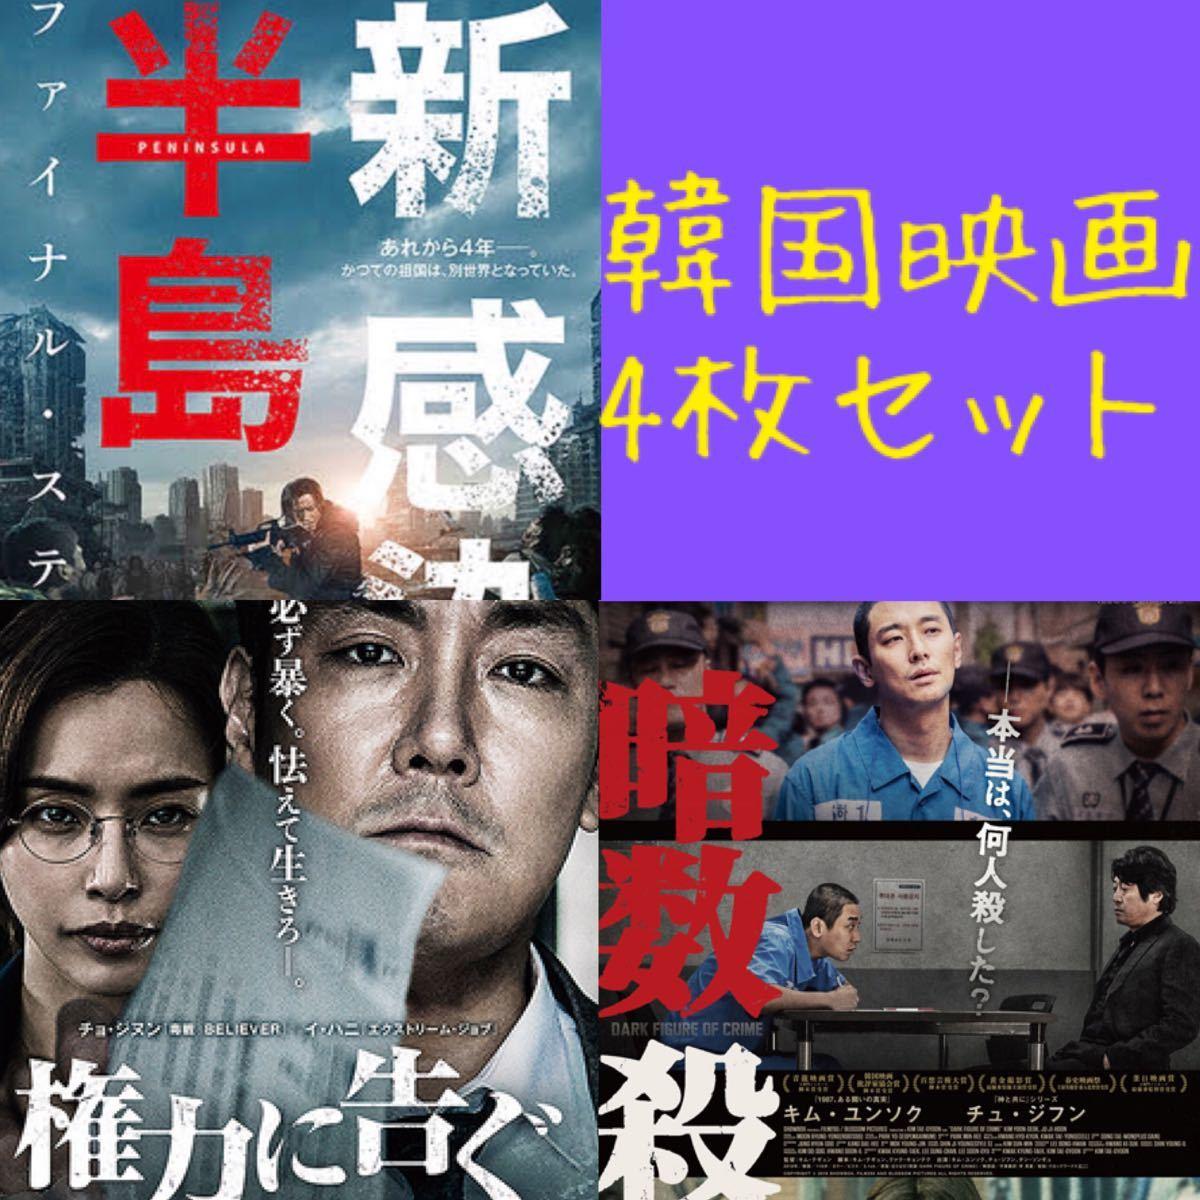 専用です。リピ割有り。韓国映画 DVD 3点セット+ 選べるおまけ1枚 合計4枚  レーベル有り  入替可能です